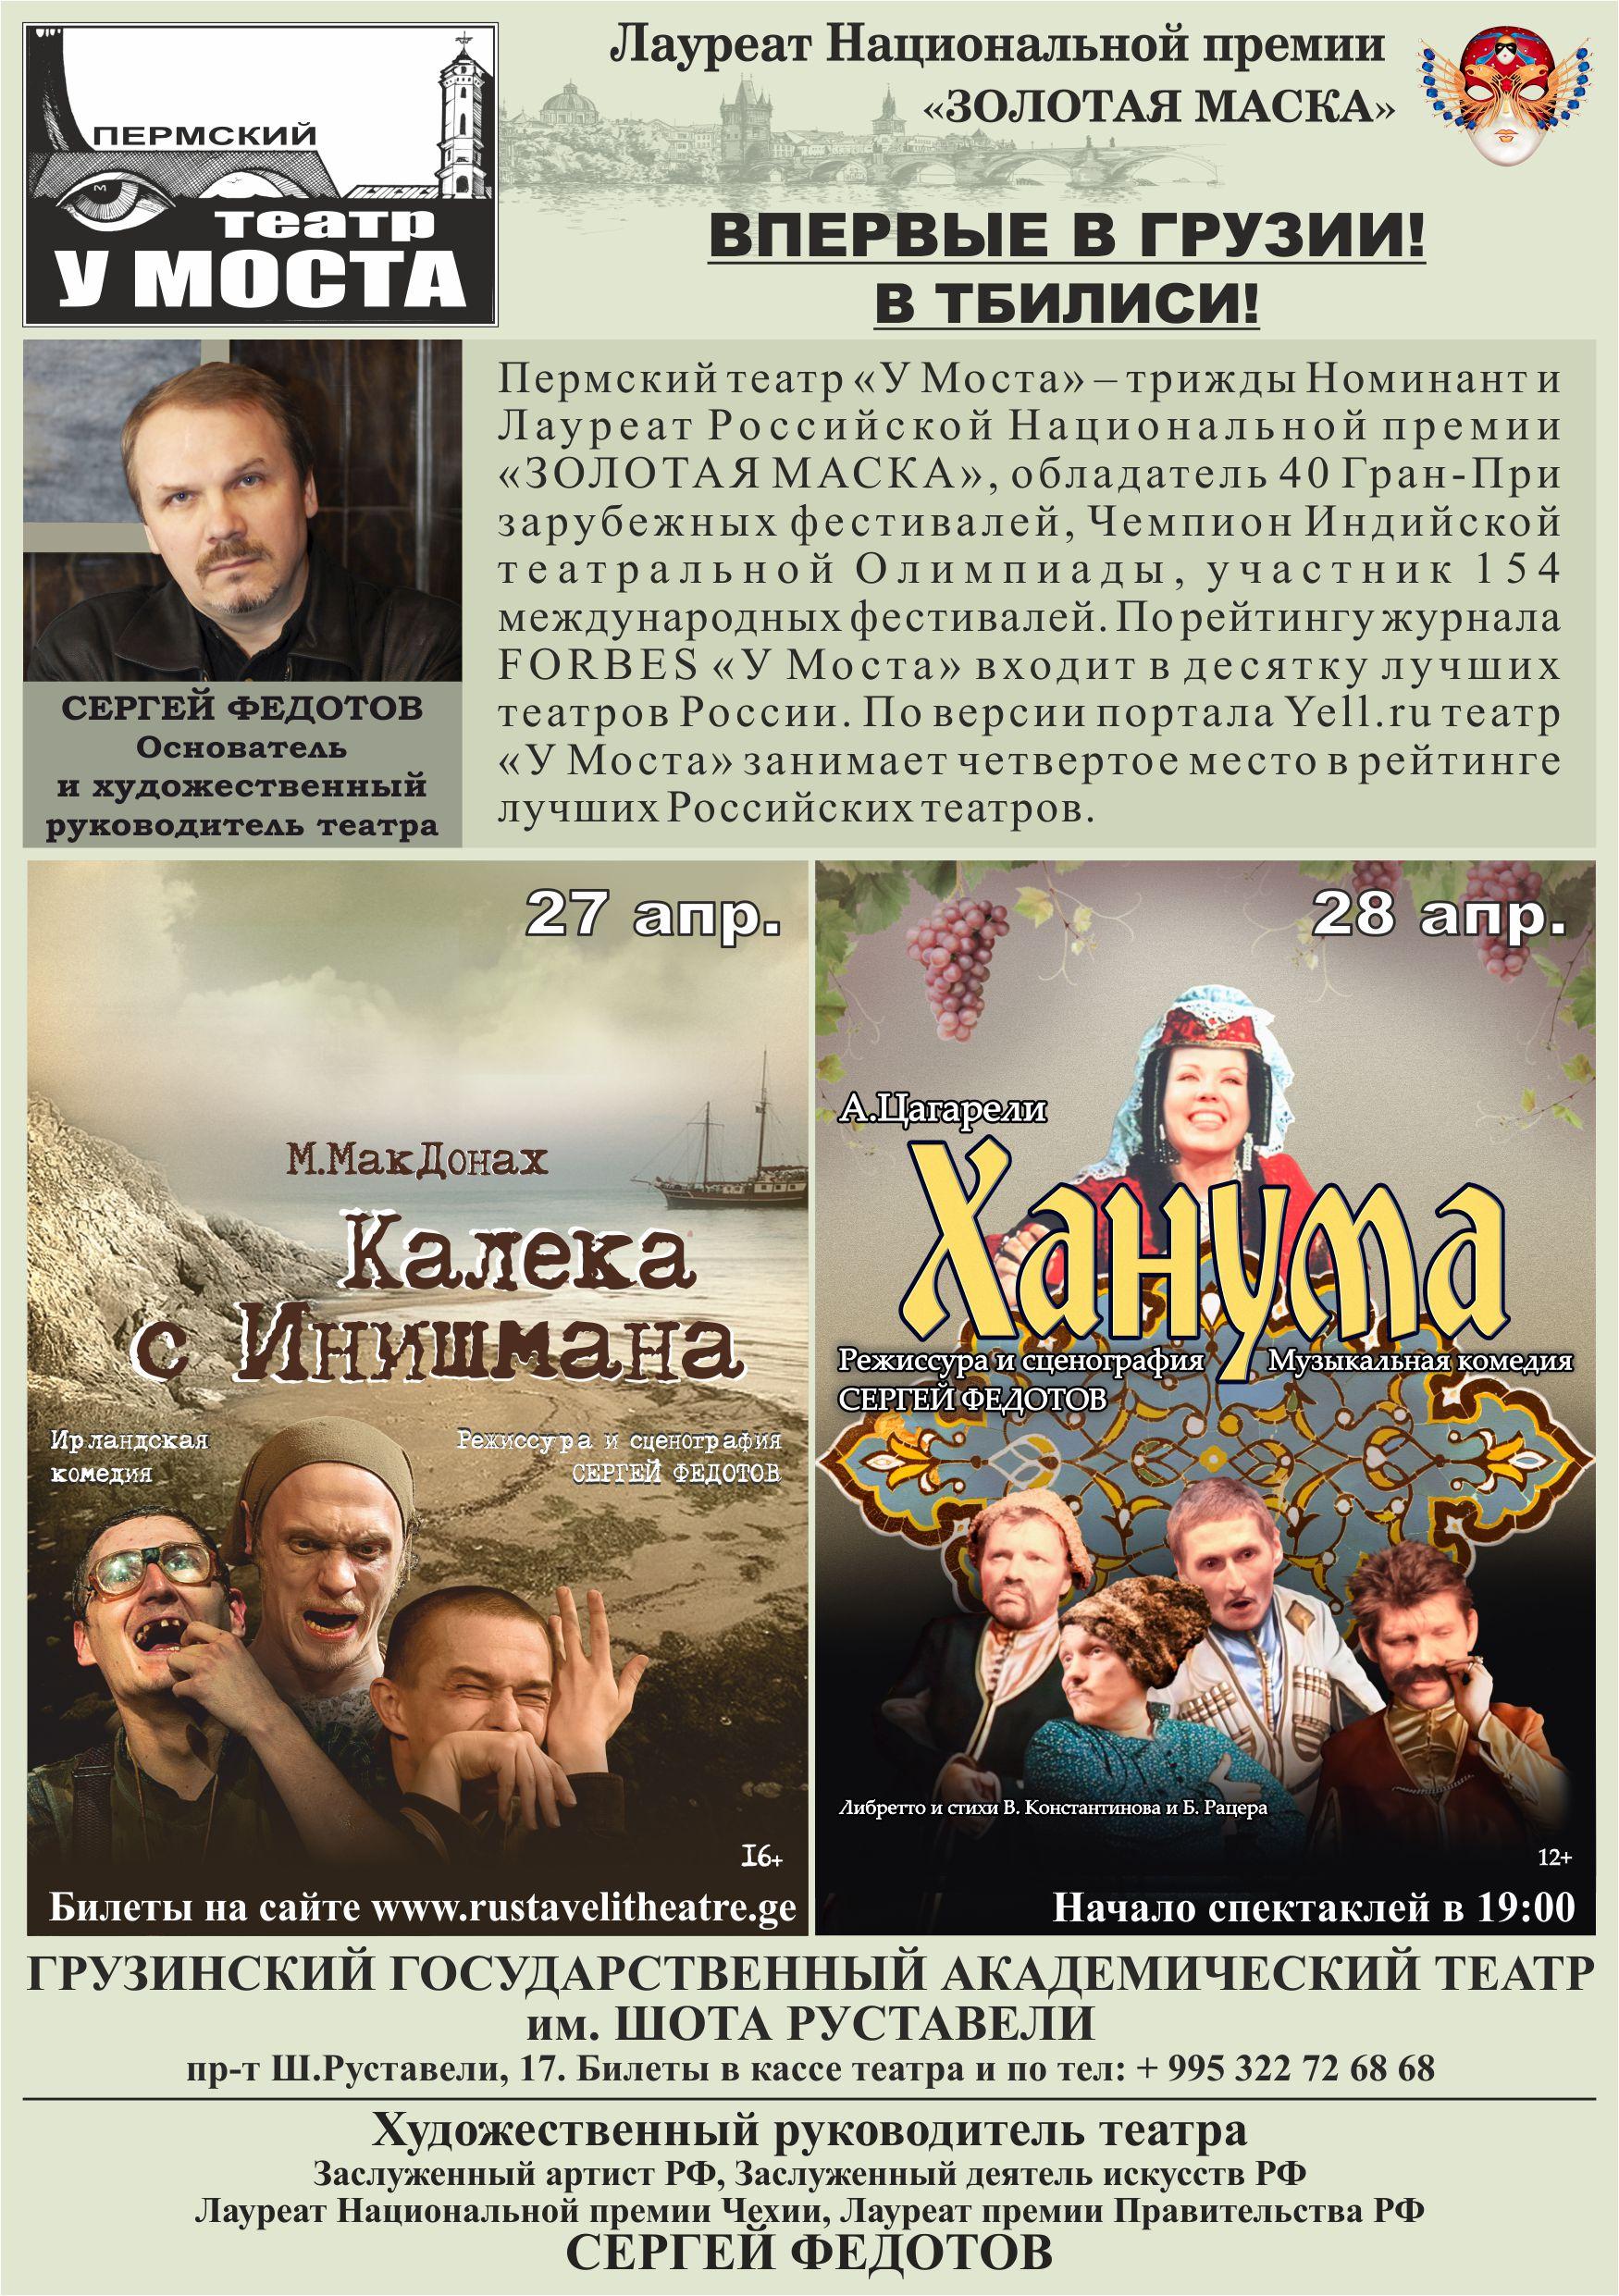 Впервые в Грузии Пермский театр «У Моста»